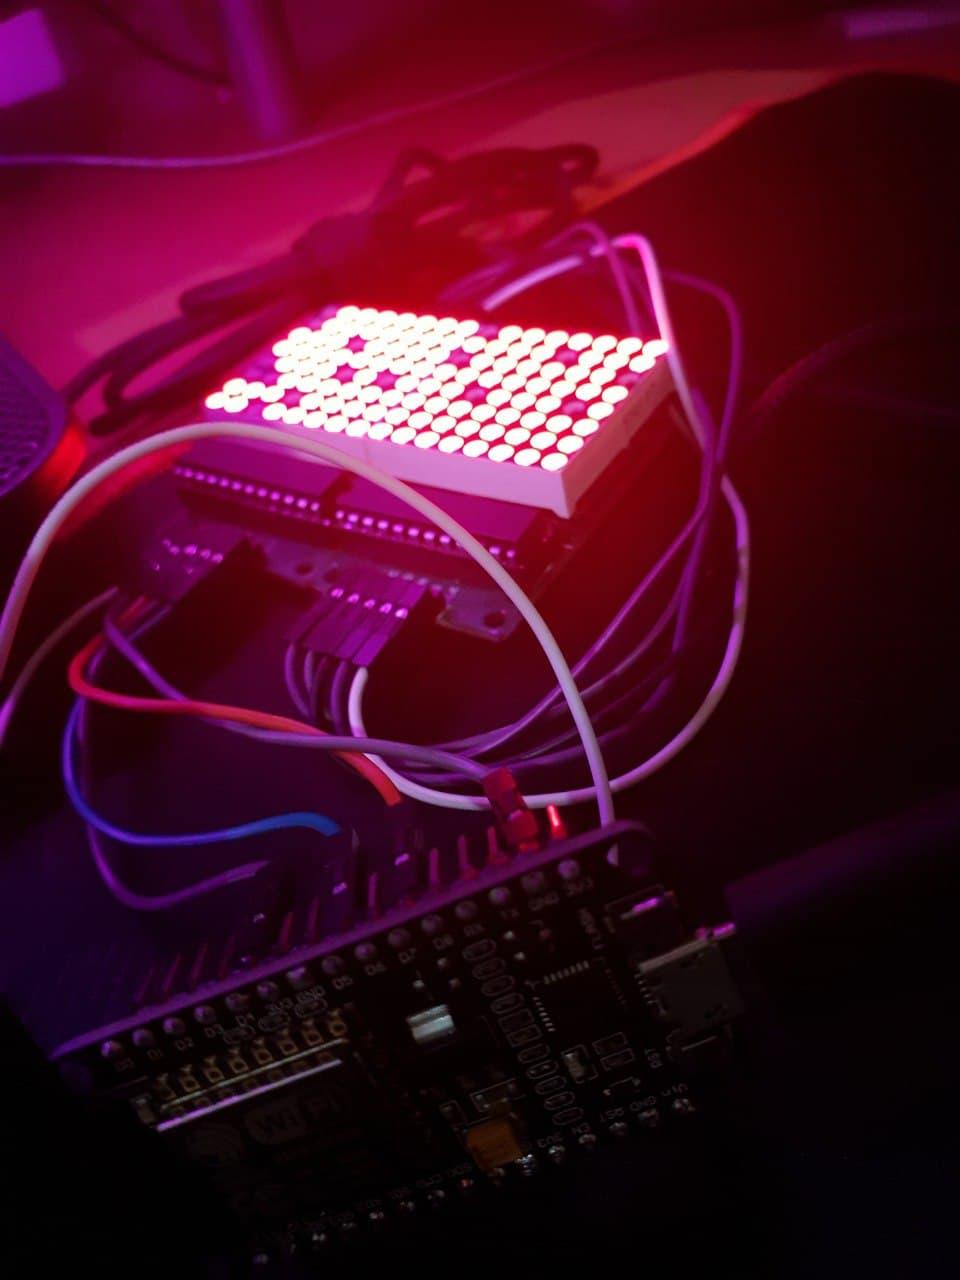 آموزش کامل کنترل ماژول دات ماتریس Max7219 با برد Nodemcu - دیجی اسپارک